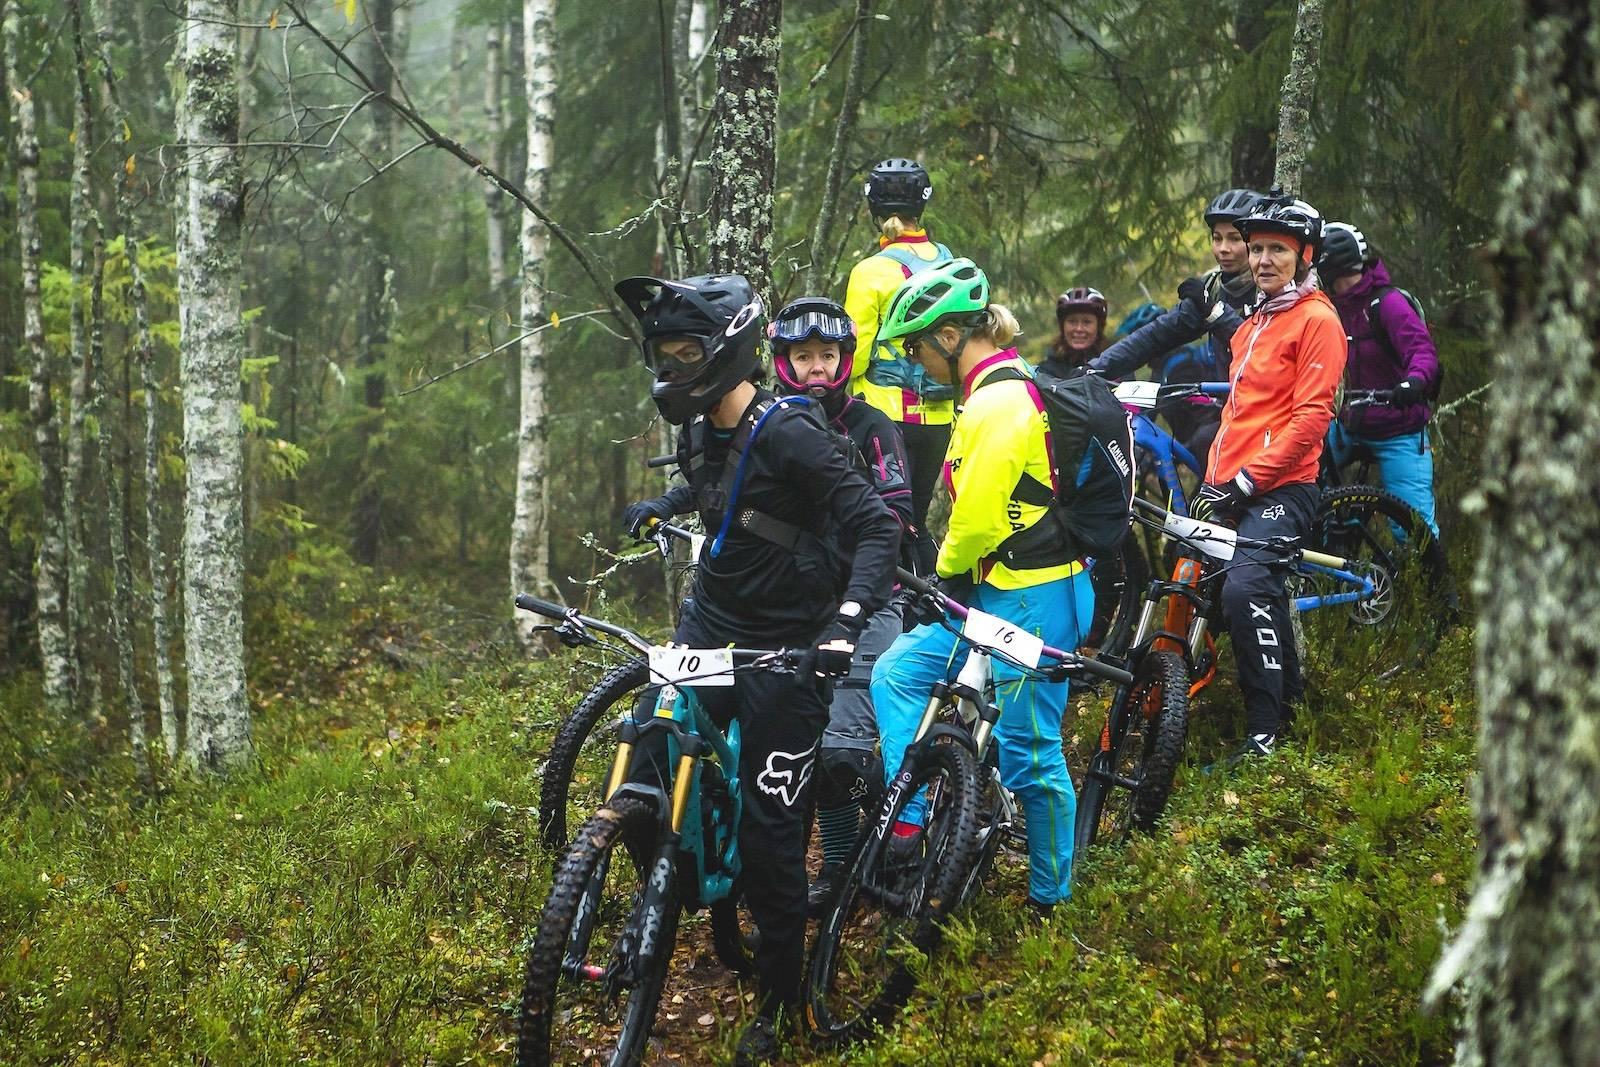 Damene klare til start. Foto: Pål Westgaard